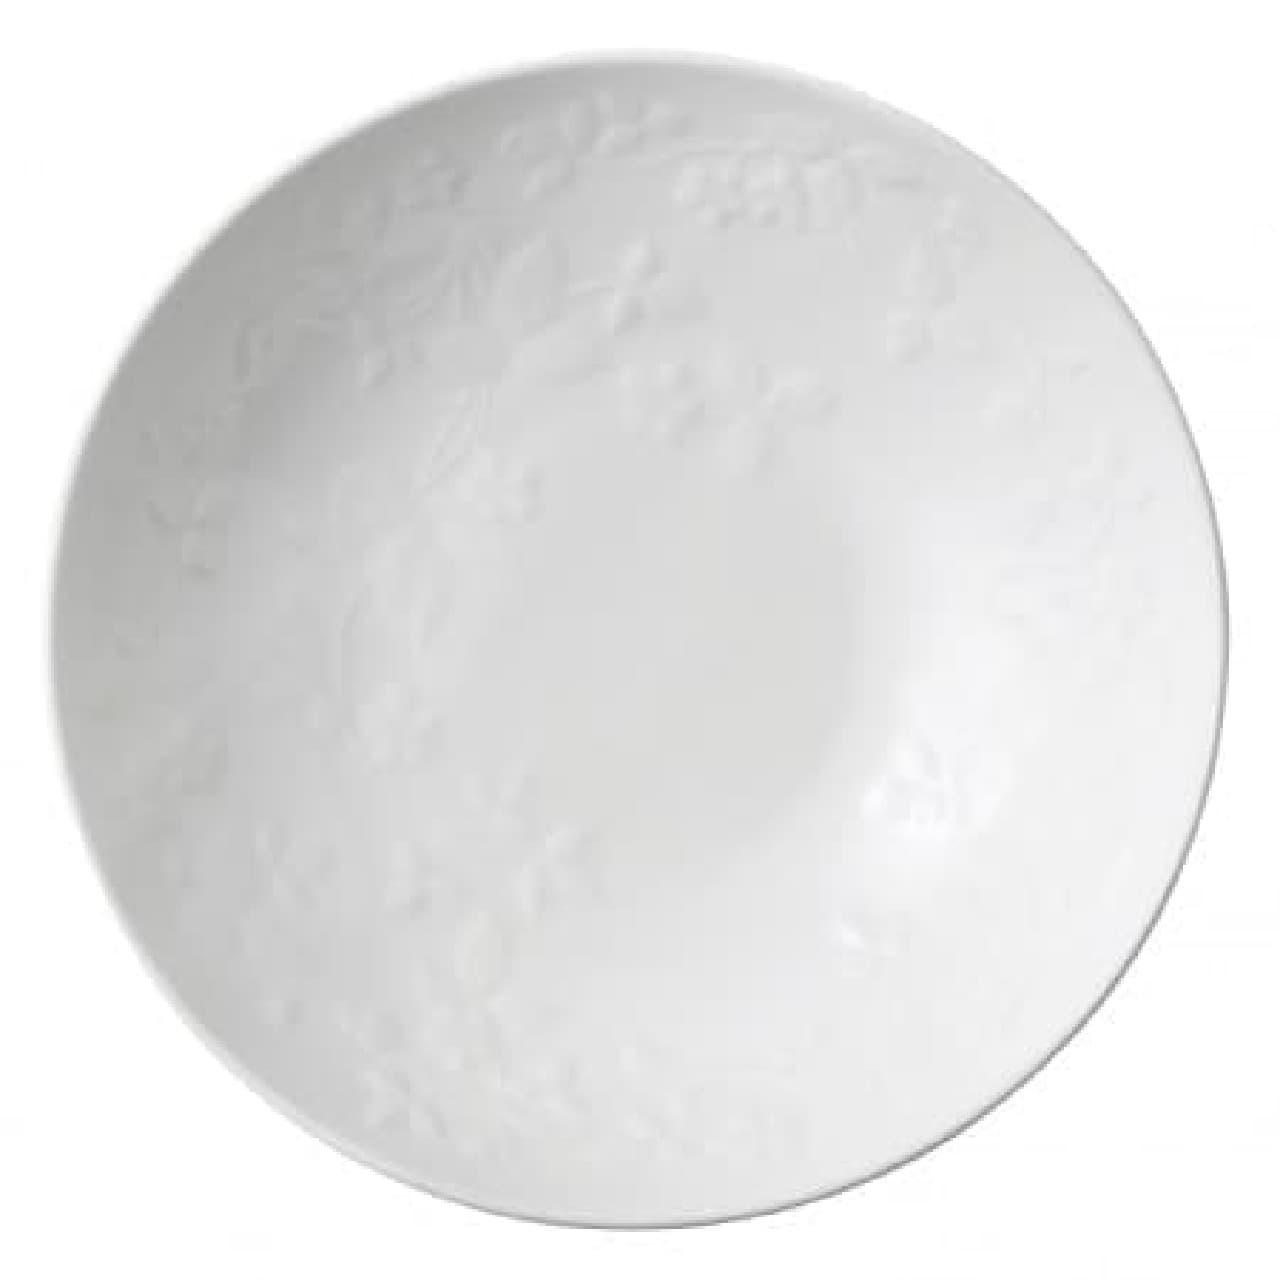 ボール 22cm 3,500円(税別)